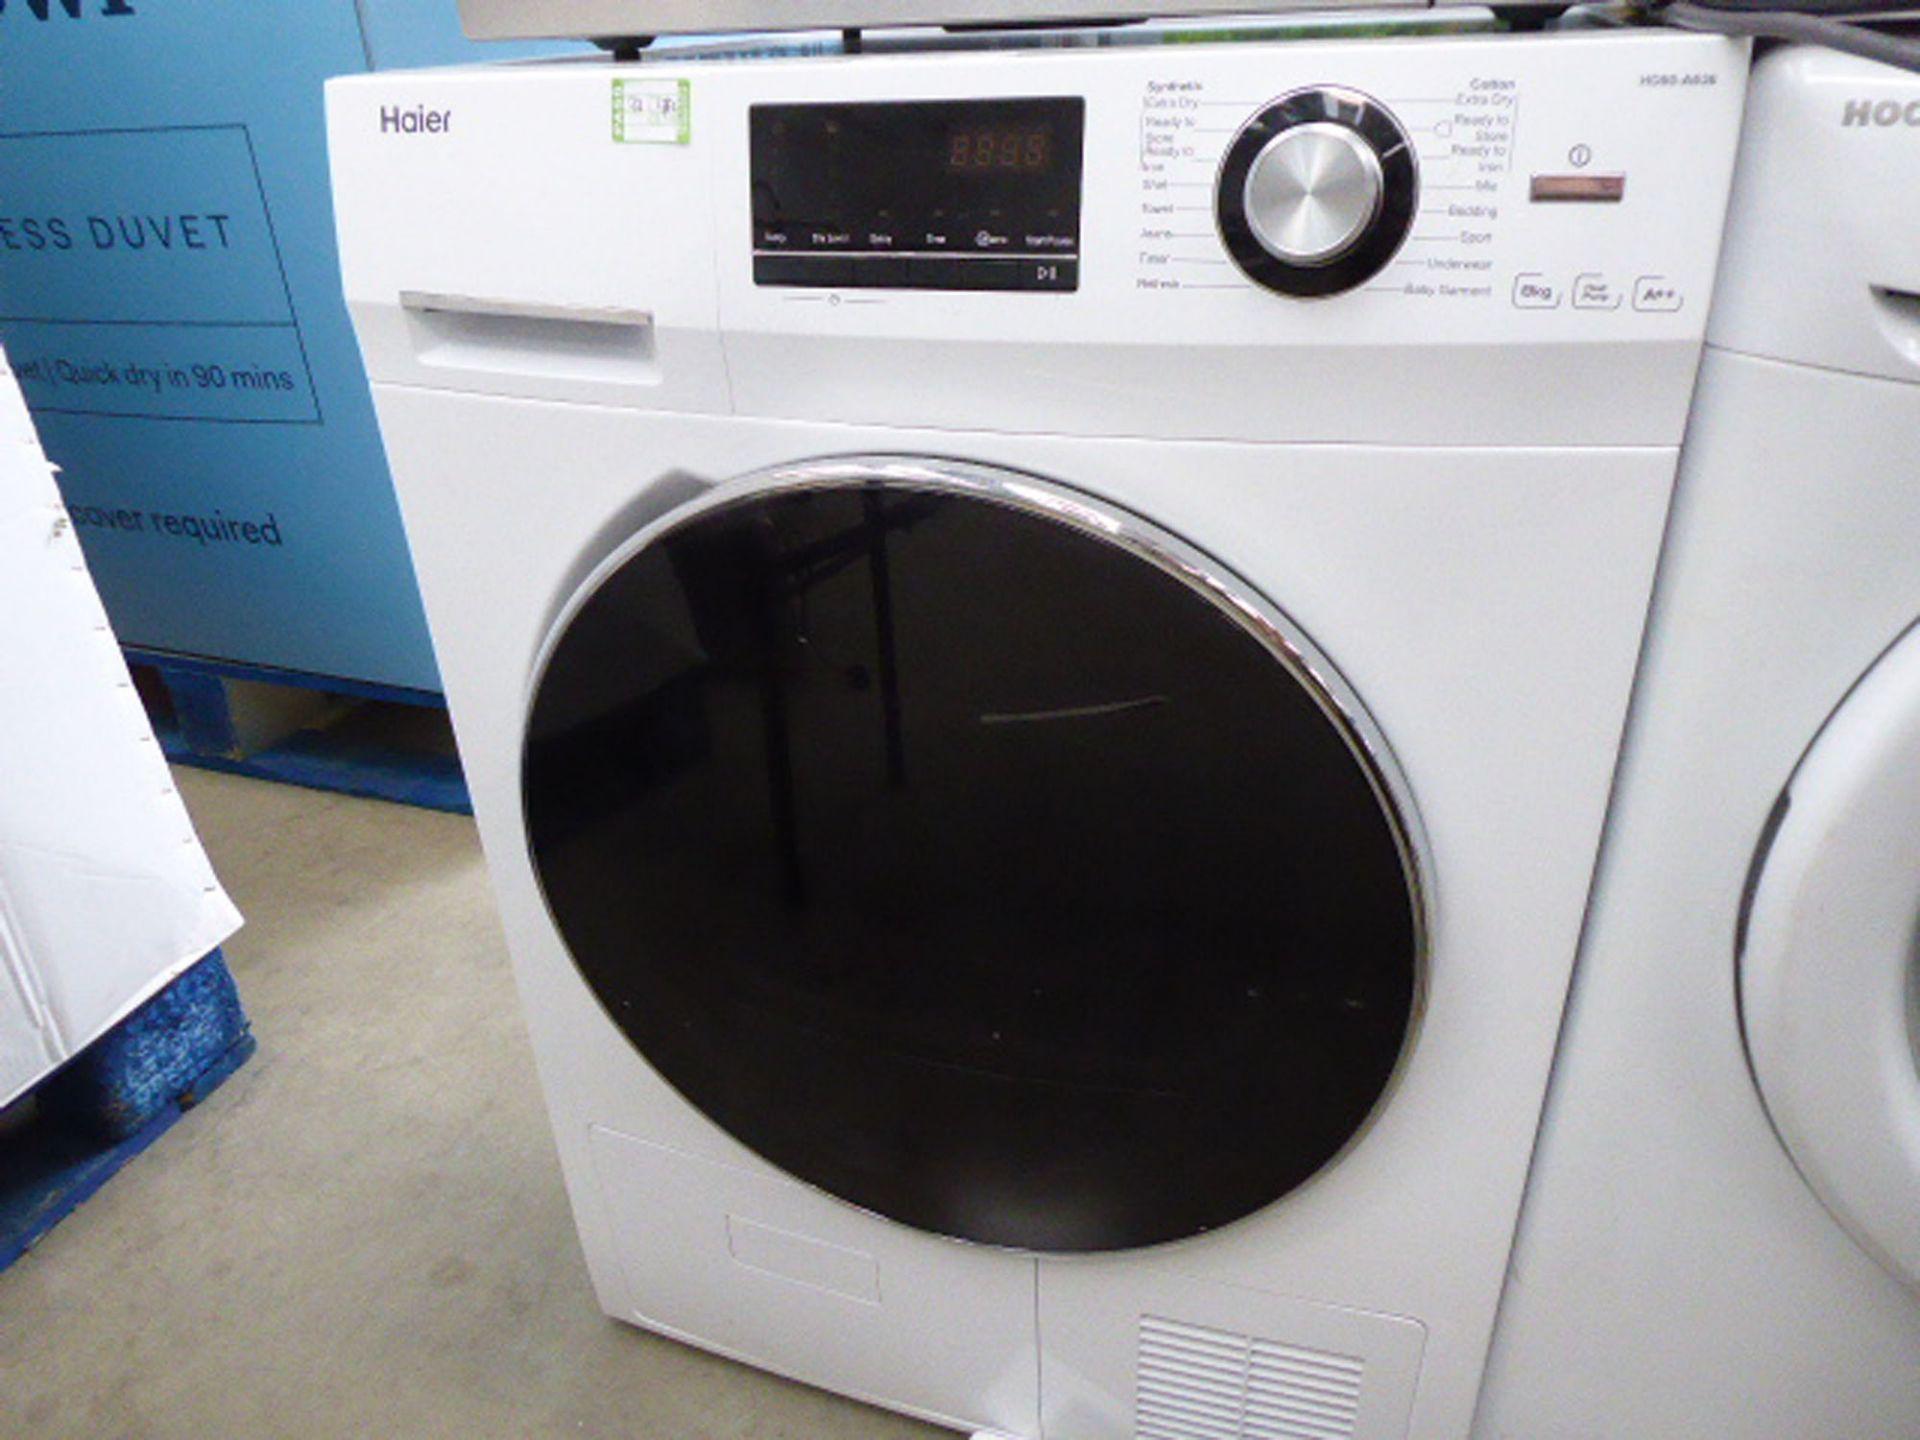 (142) Haier tumbler dryer